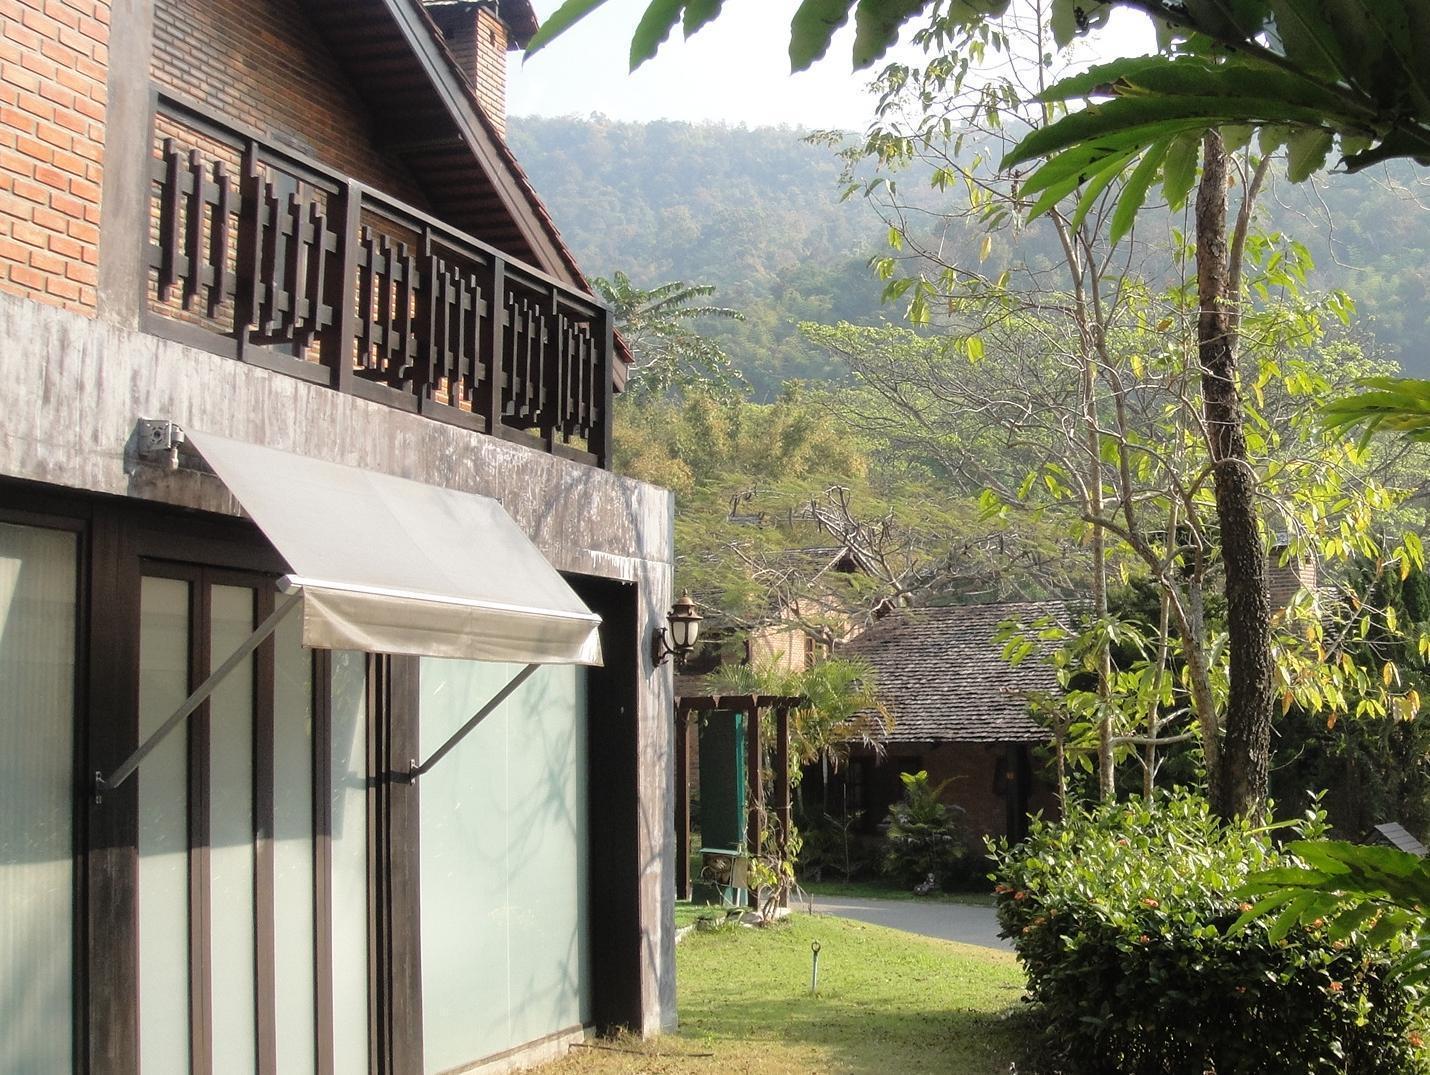 House B23 at Belle Villa Resort Chiang Mai ,เฮาส์ บี 23 แอท เบลล์ วิลล่า รีสอร์ท เชียงใหม่